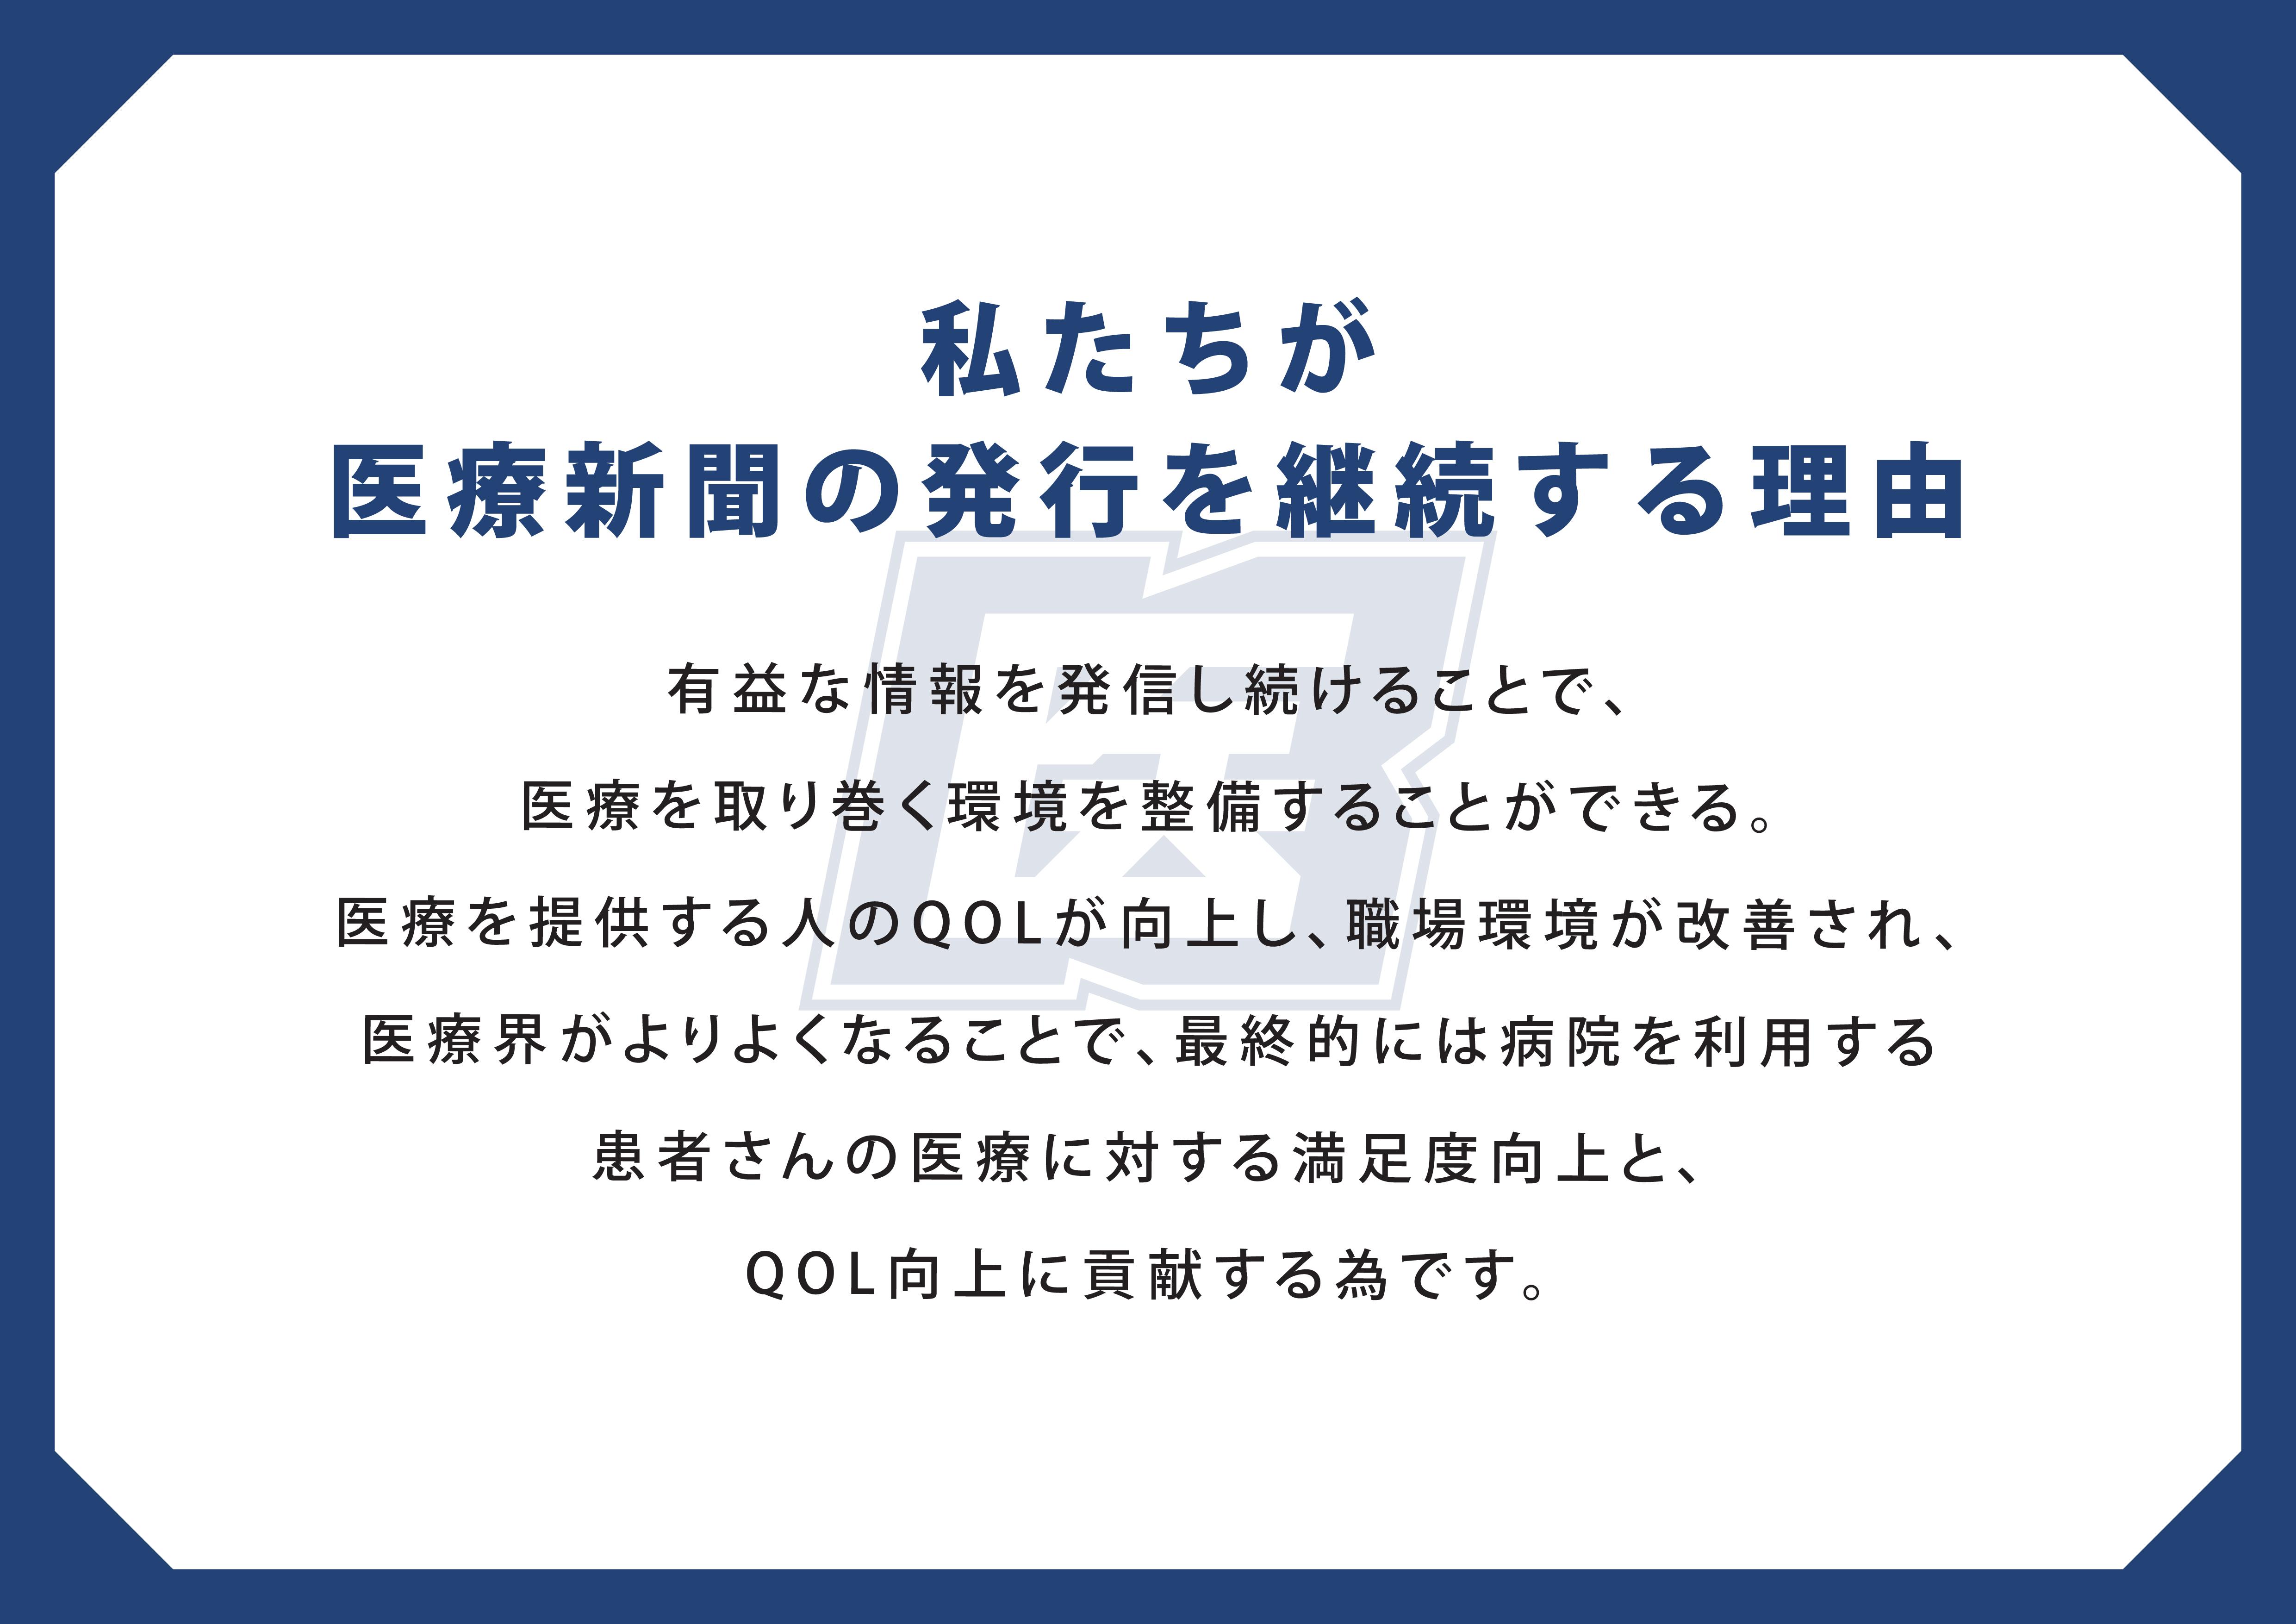 発行を継続する理由 (1).jpg